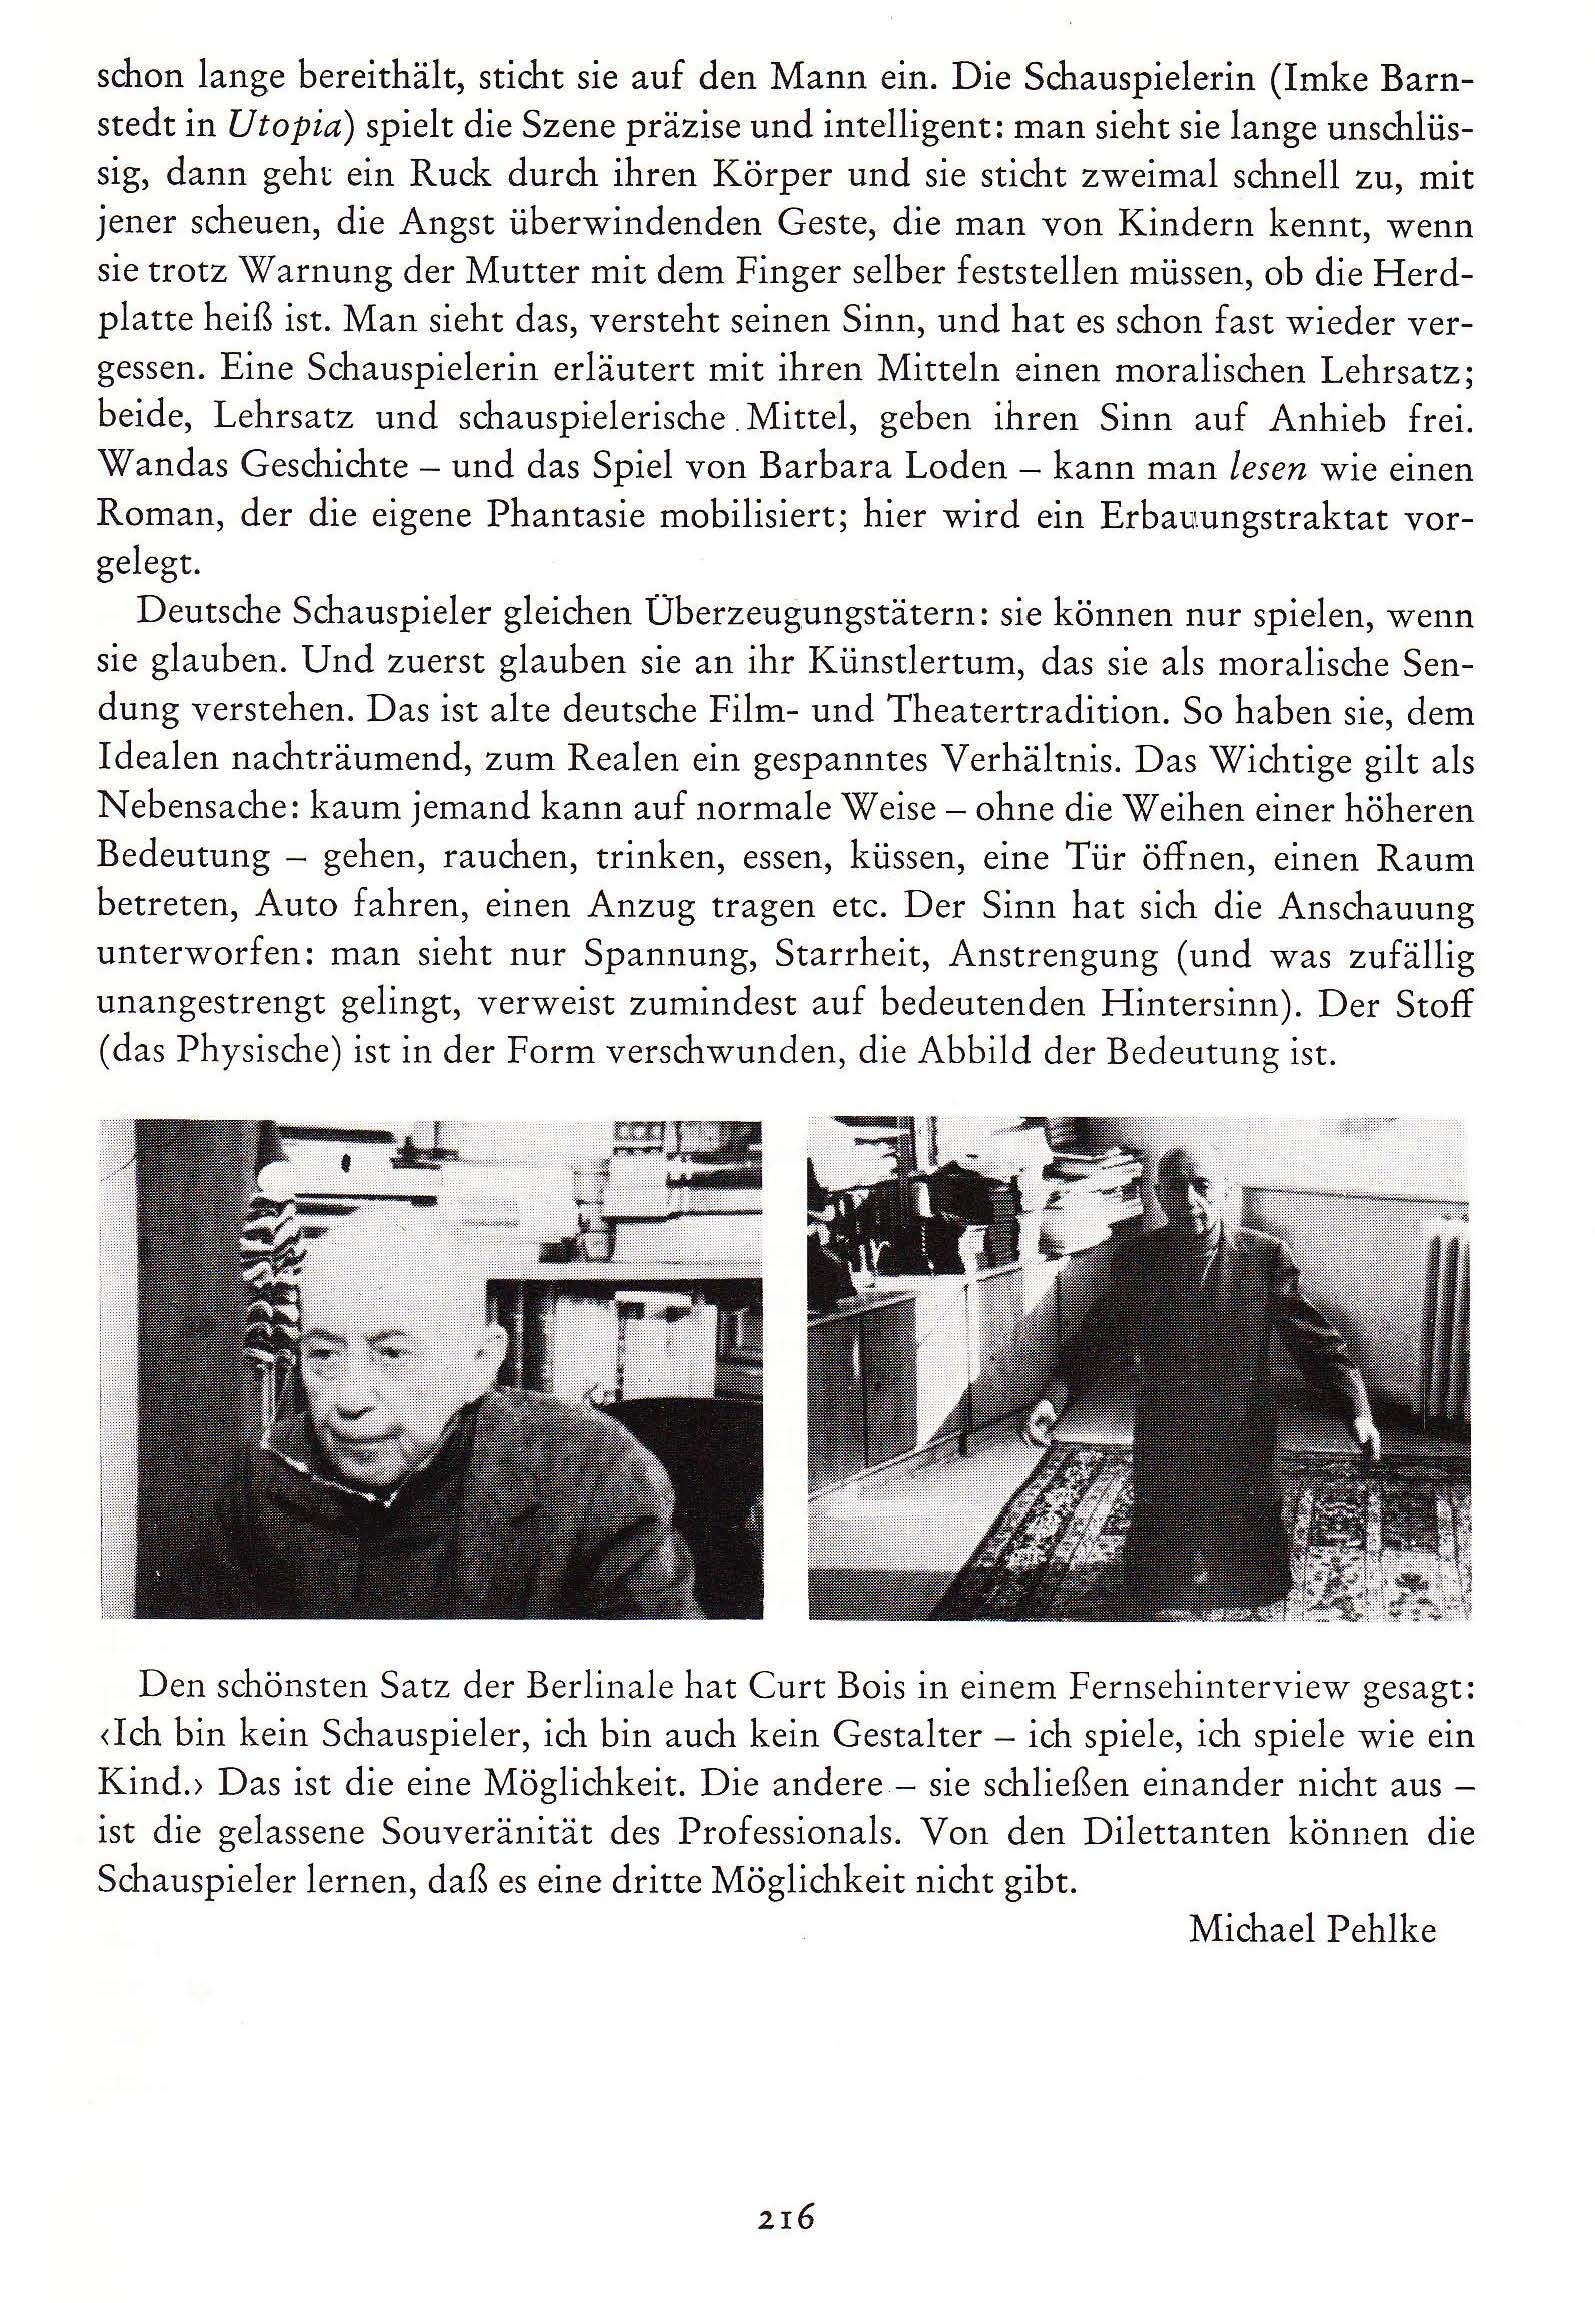 Pehlke_Deutsche_Schauspieler_Seite_11